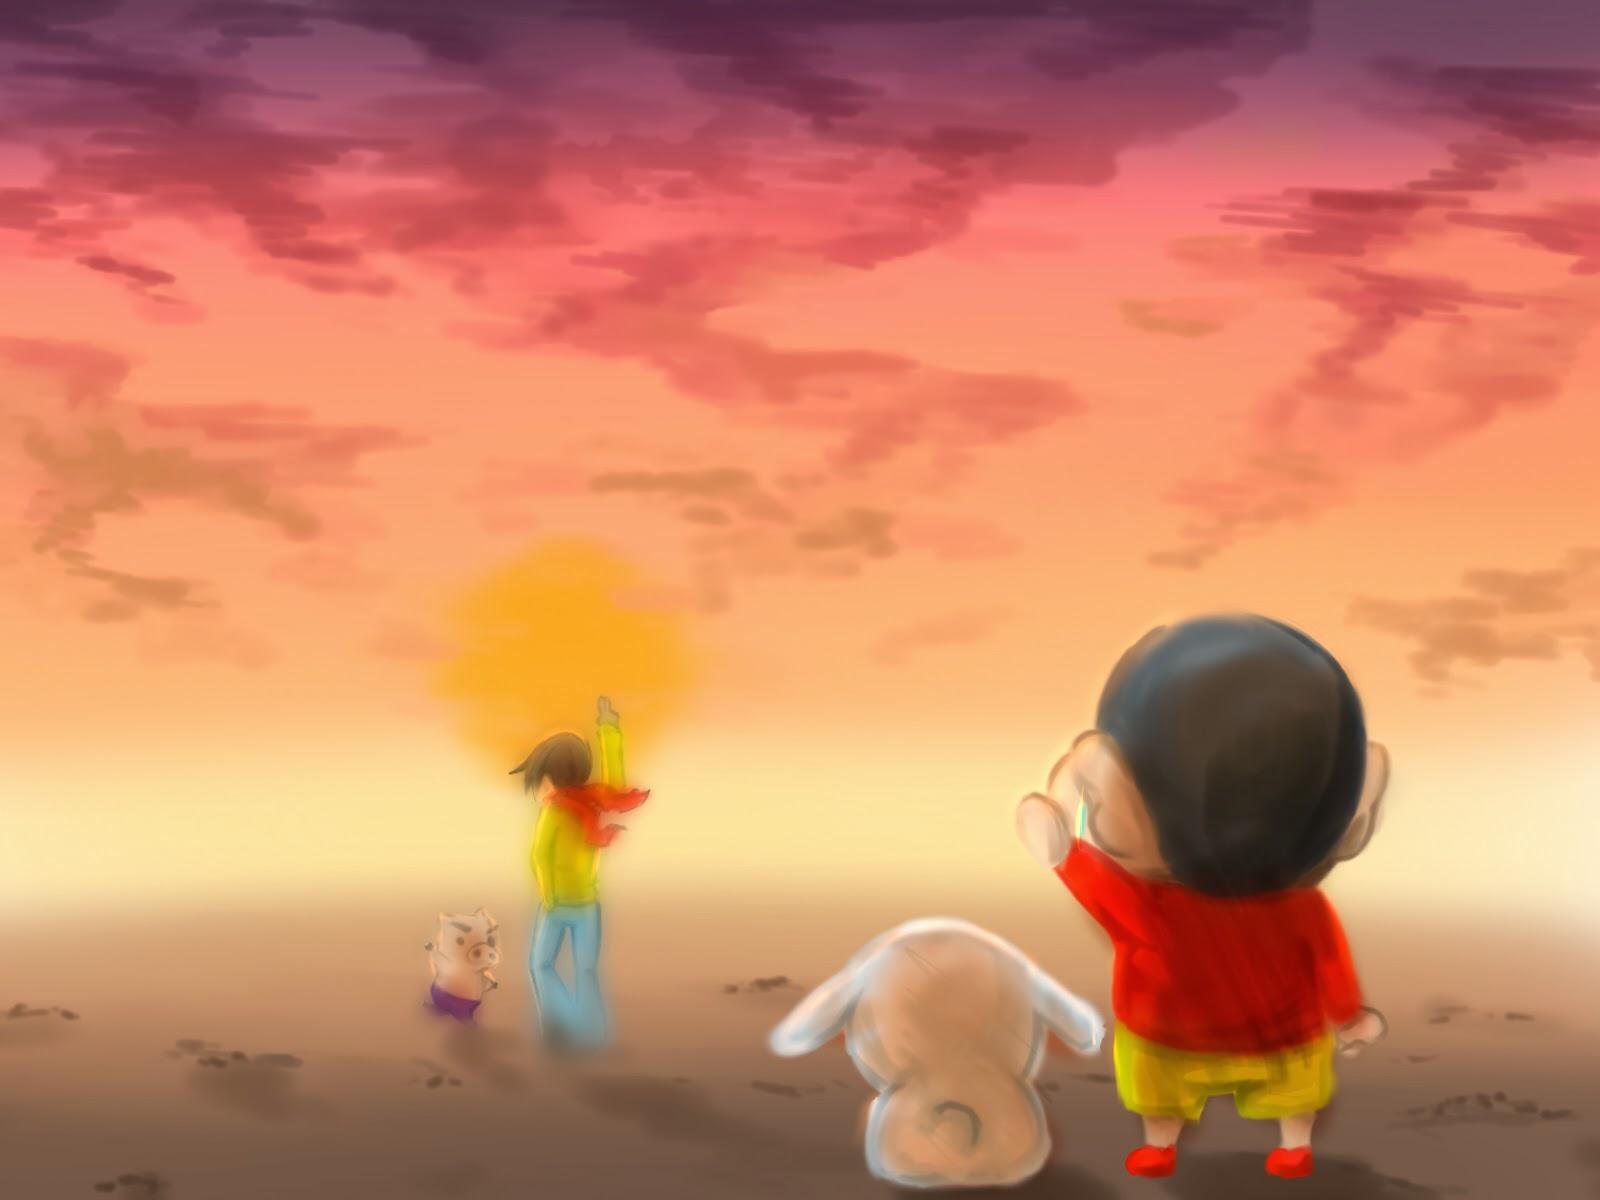 http://ocean-aroma.blogspot.com/